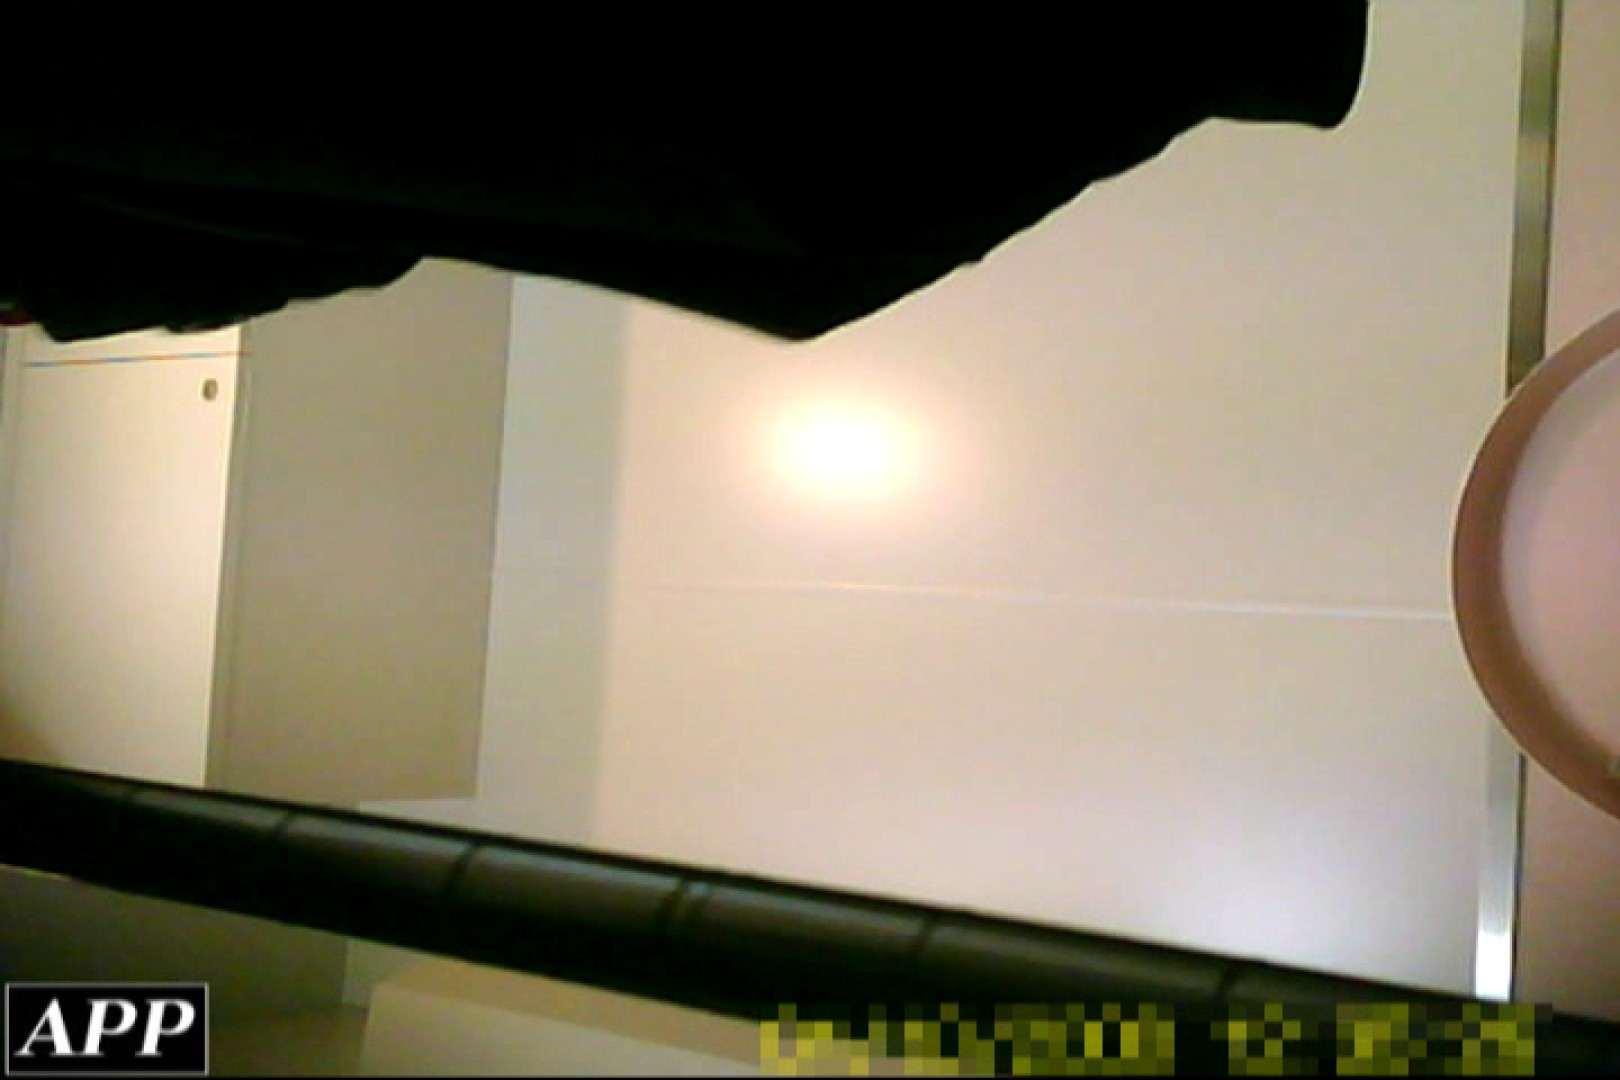 3視点洗面所 vol.064 OLの実態  74pic 68